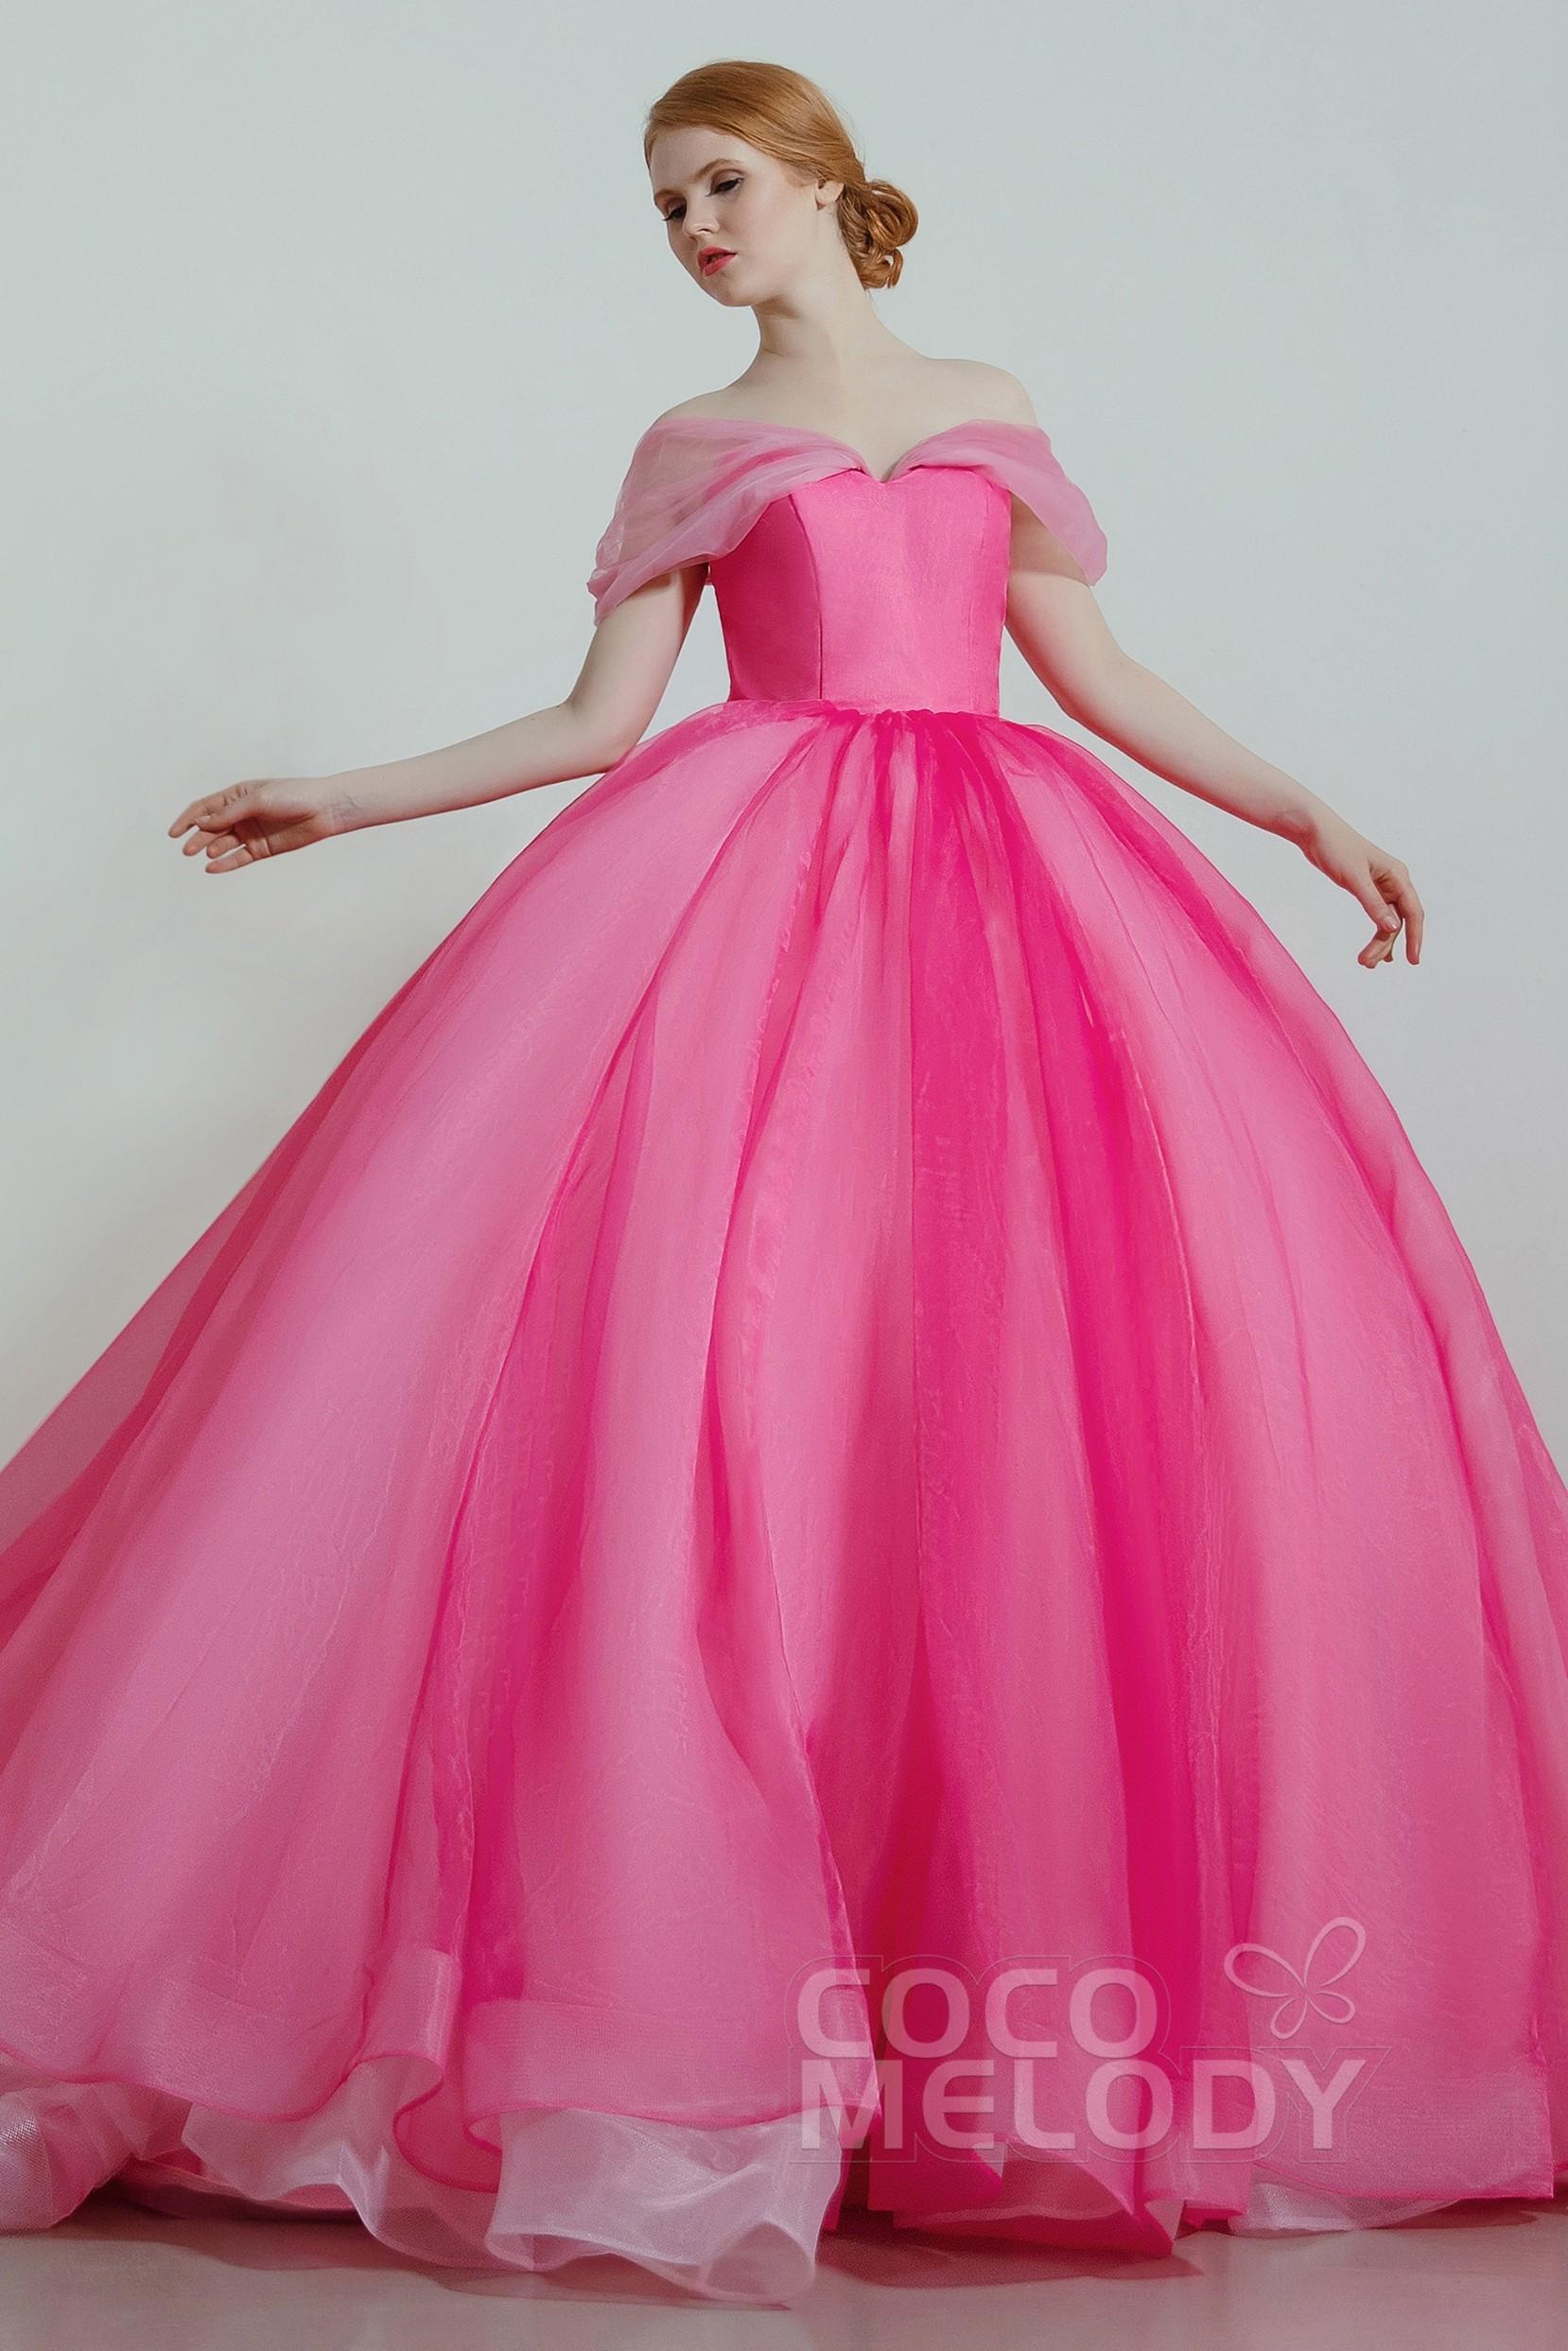 ココメロディのピンクのカラードレス